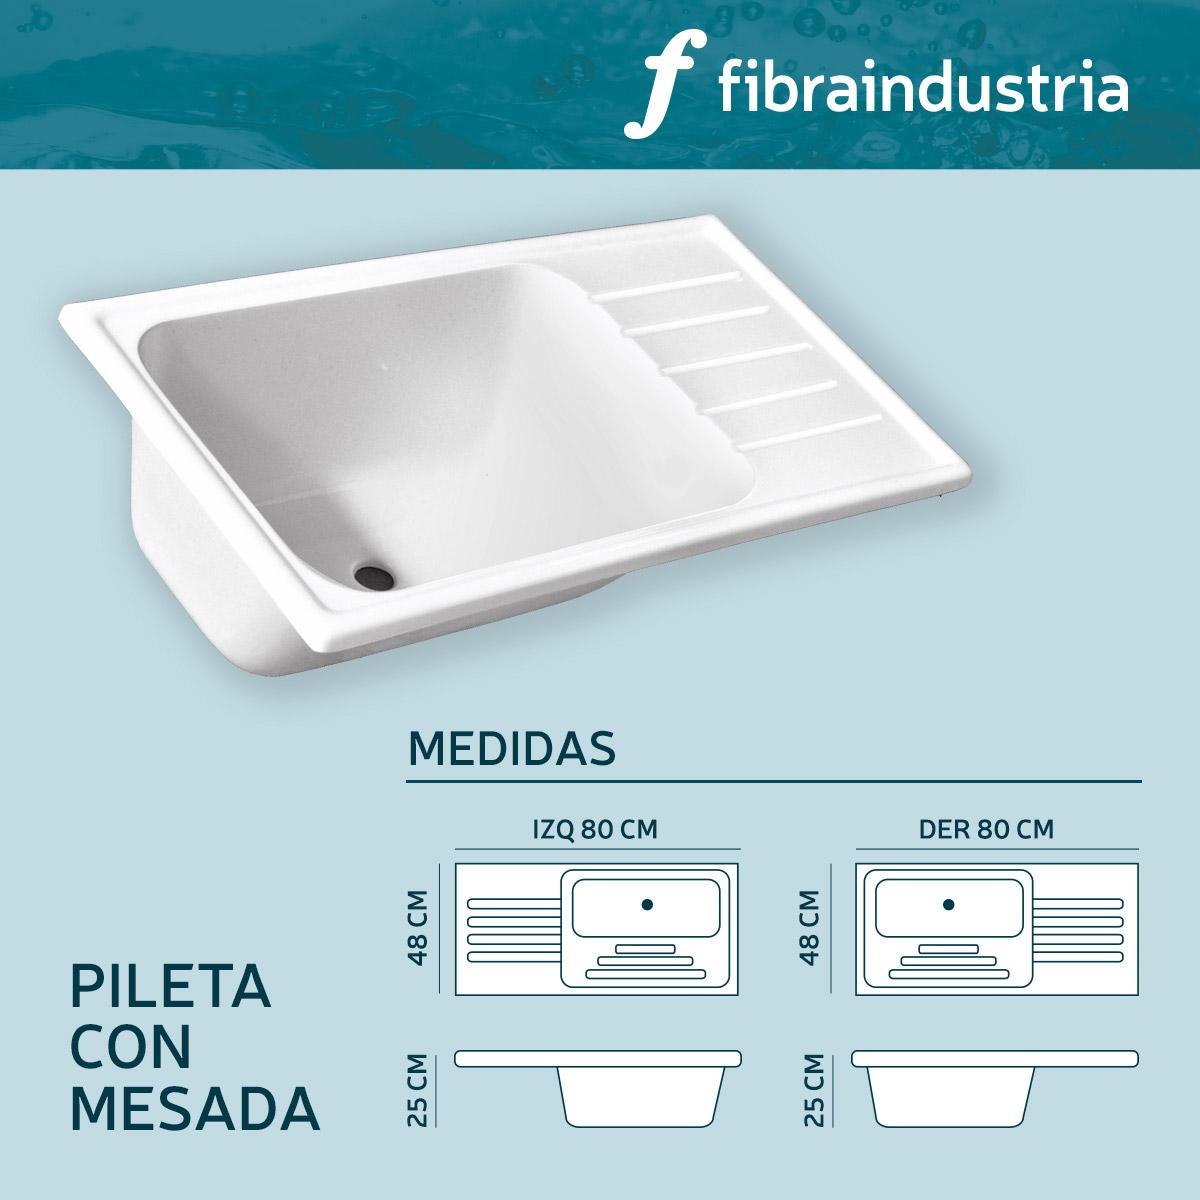 Pileta Fibraindustria Marmol Sintetico 80 X 48 Con Mesada Izquierda